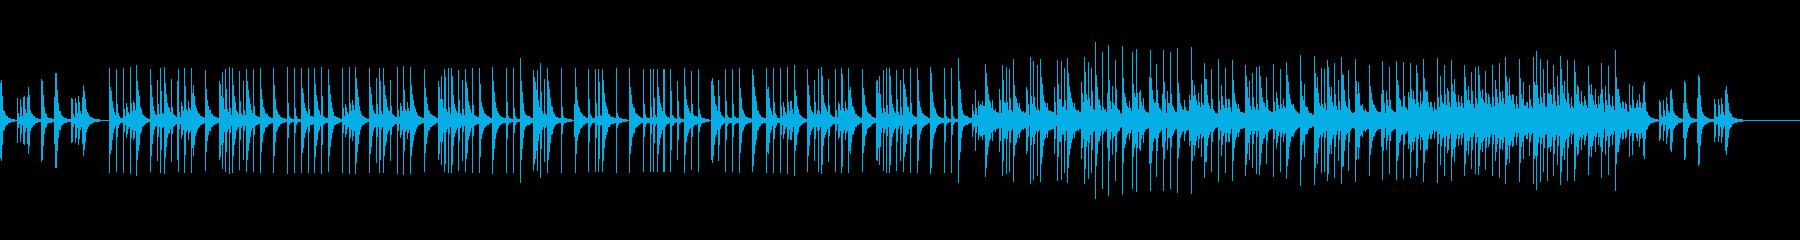 ピアノで奏でる少し切ないBGMの再生済みの波形